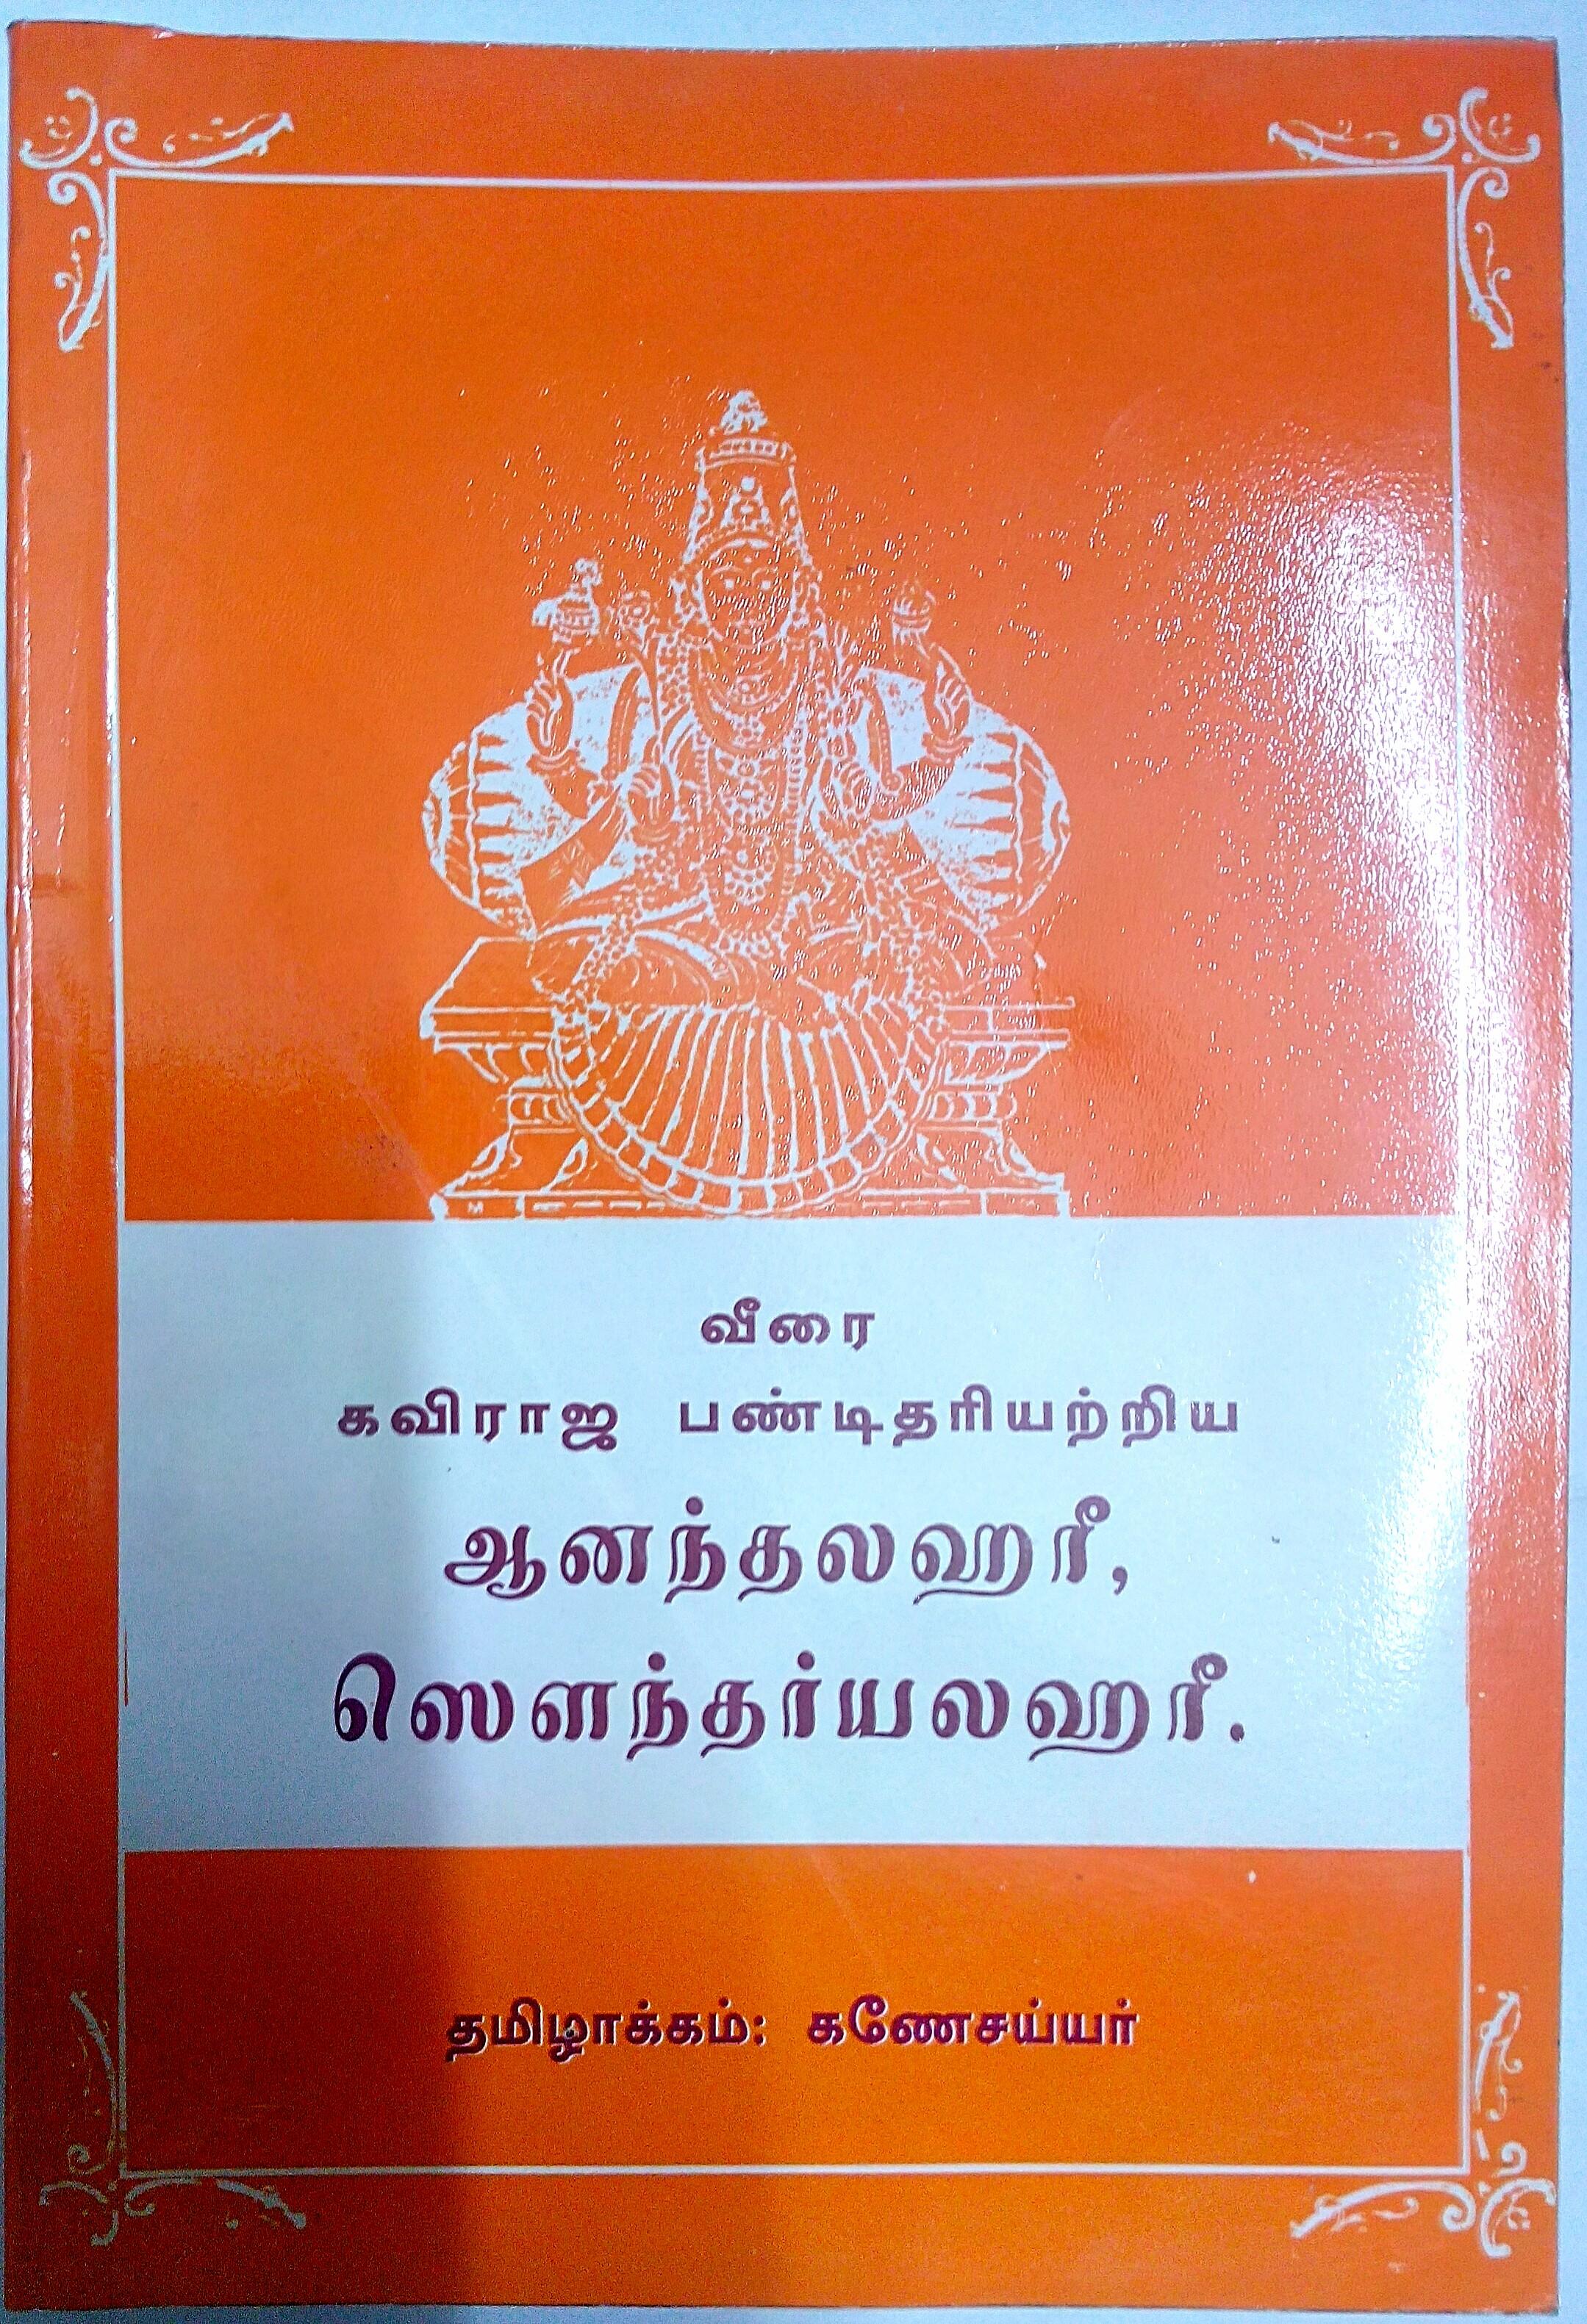 ஸௌந்தர்ய லஹரீ